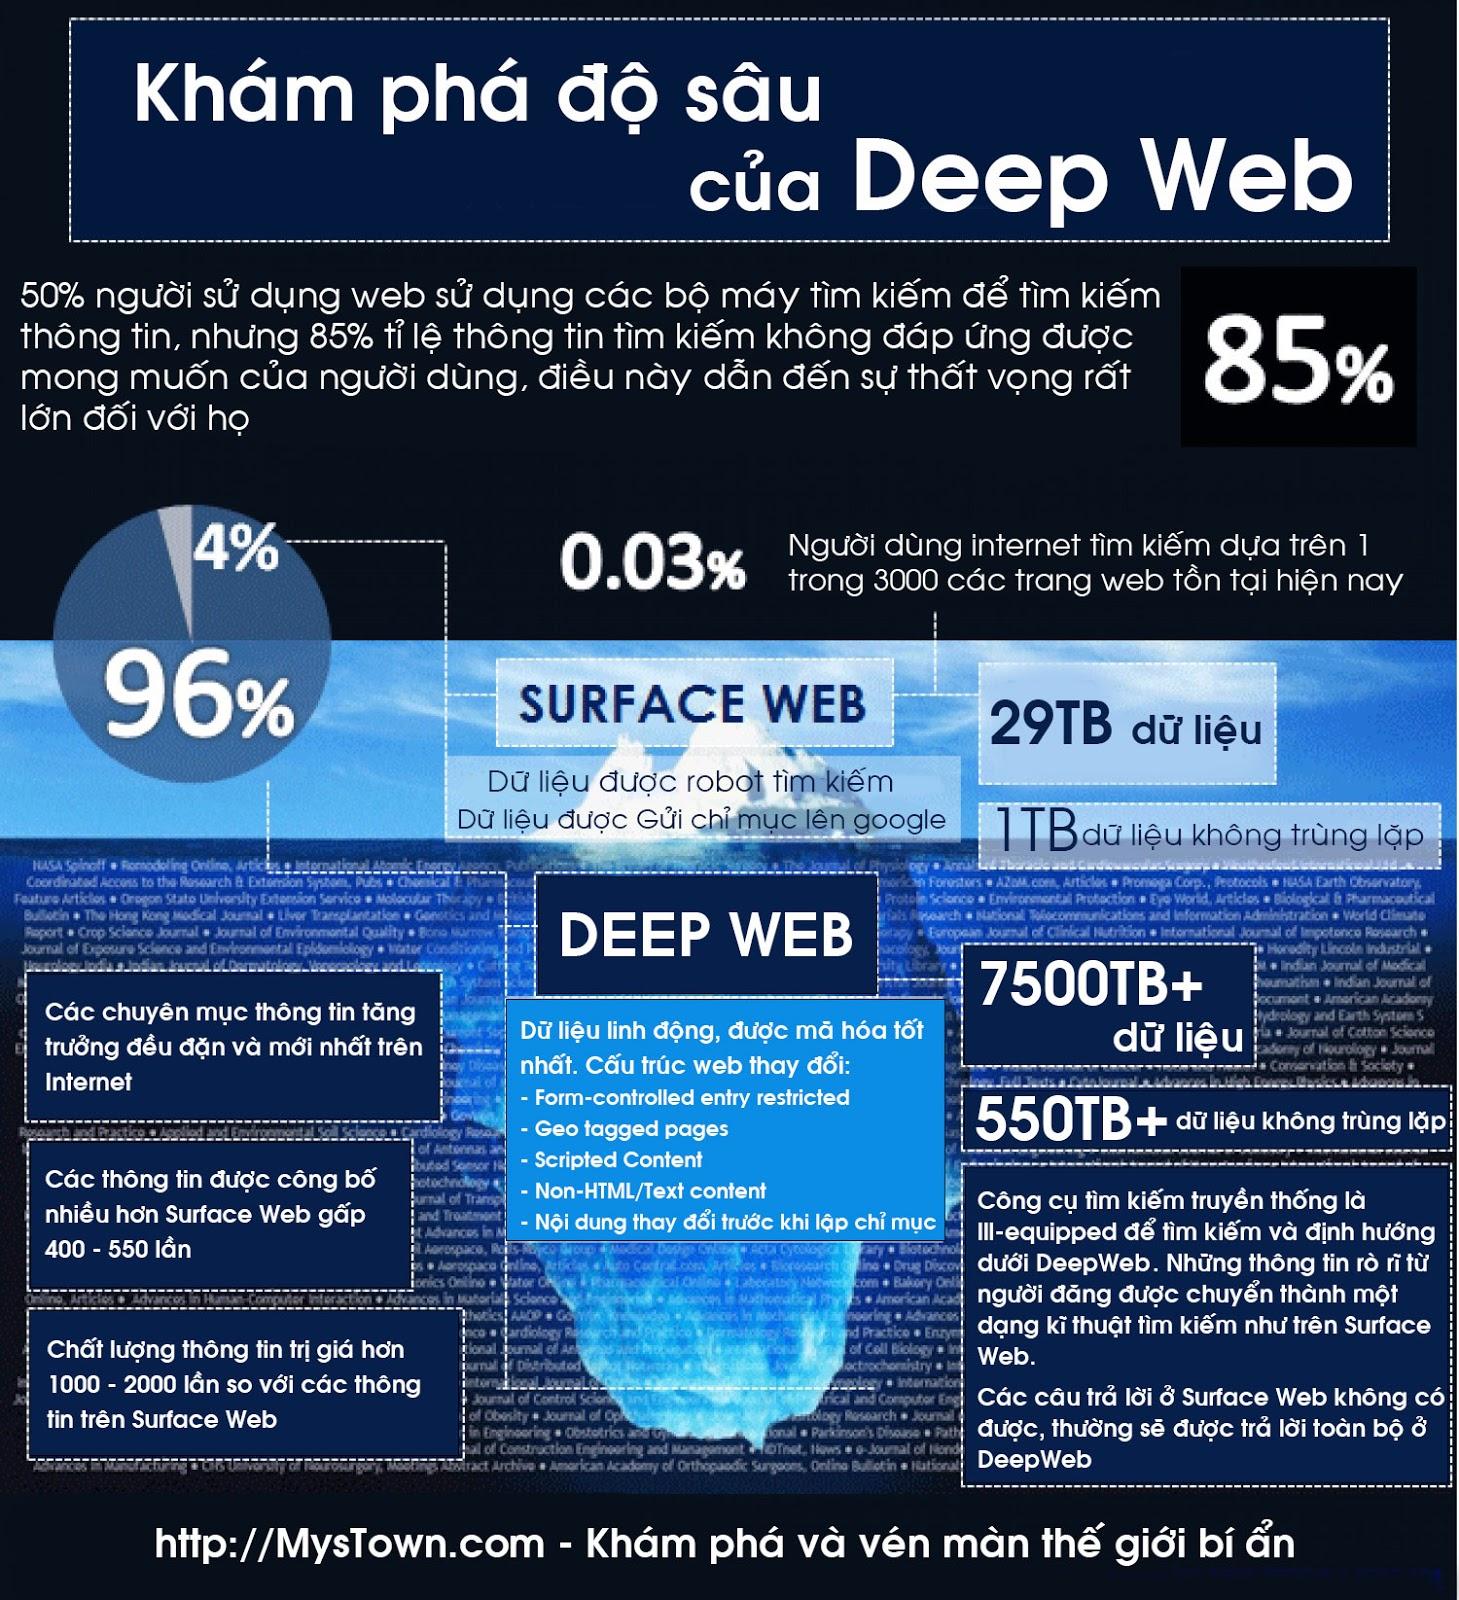 Tìm hiểu Deep Web toàn tập! - phần 01   MysTown com